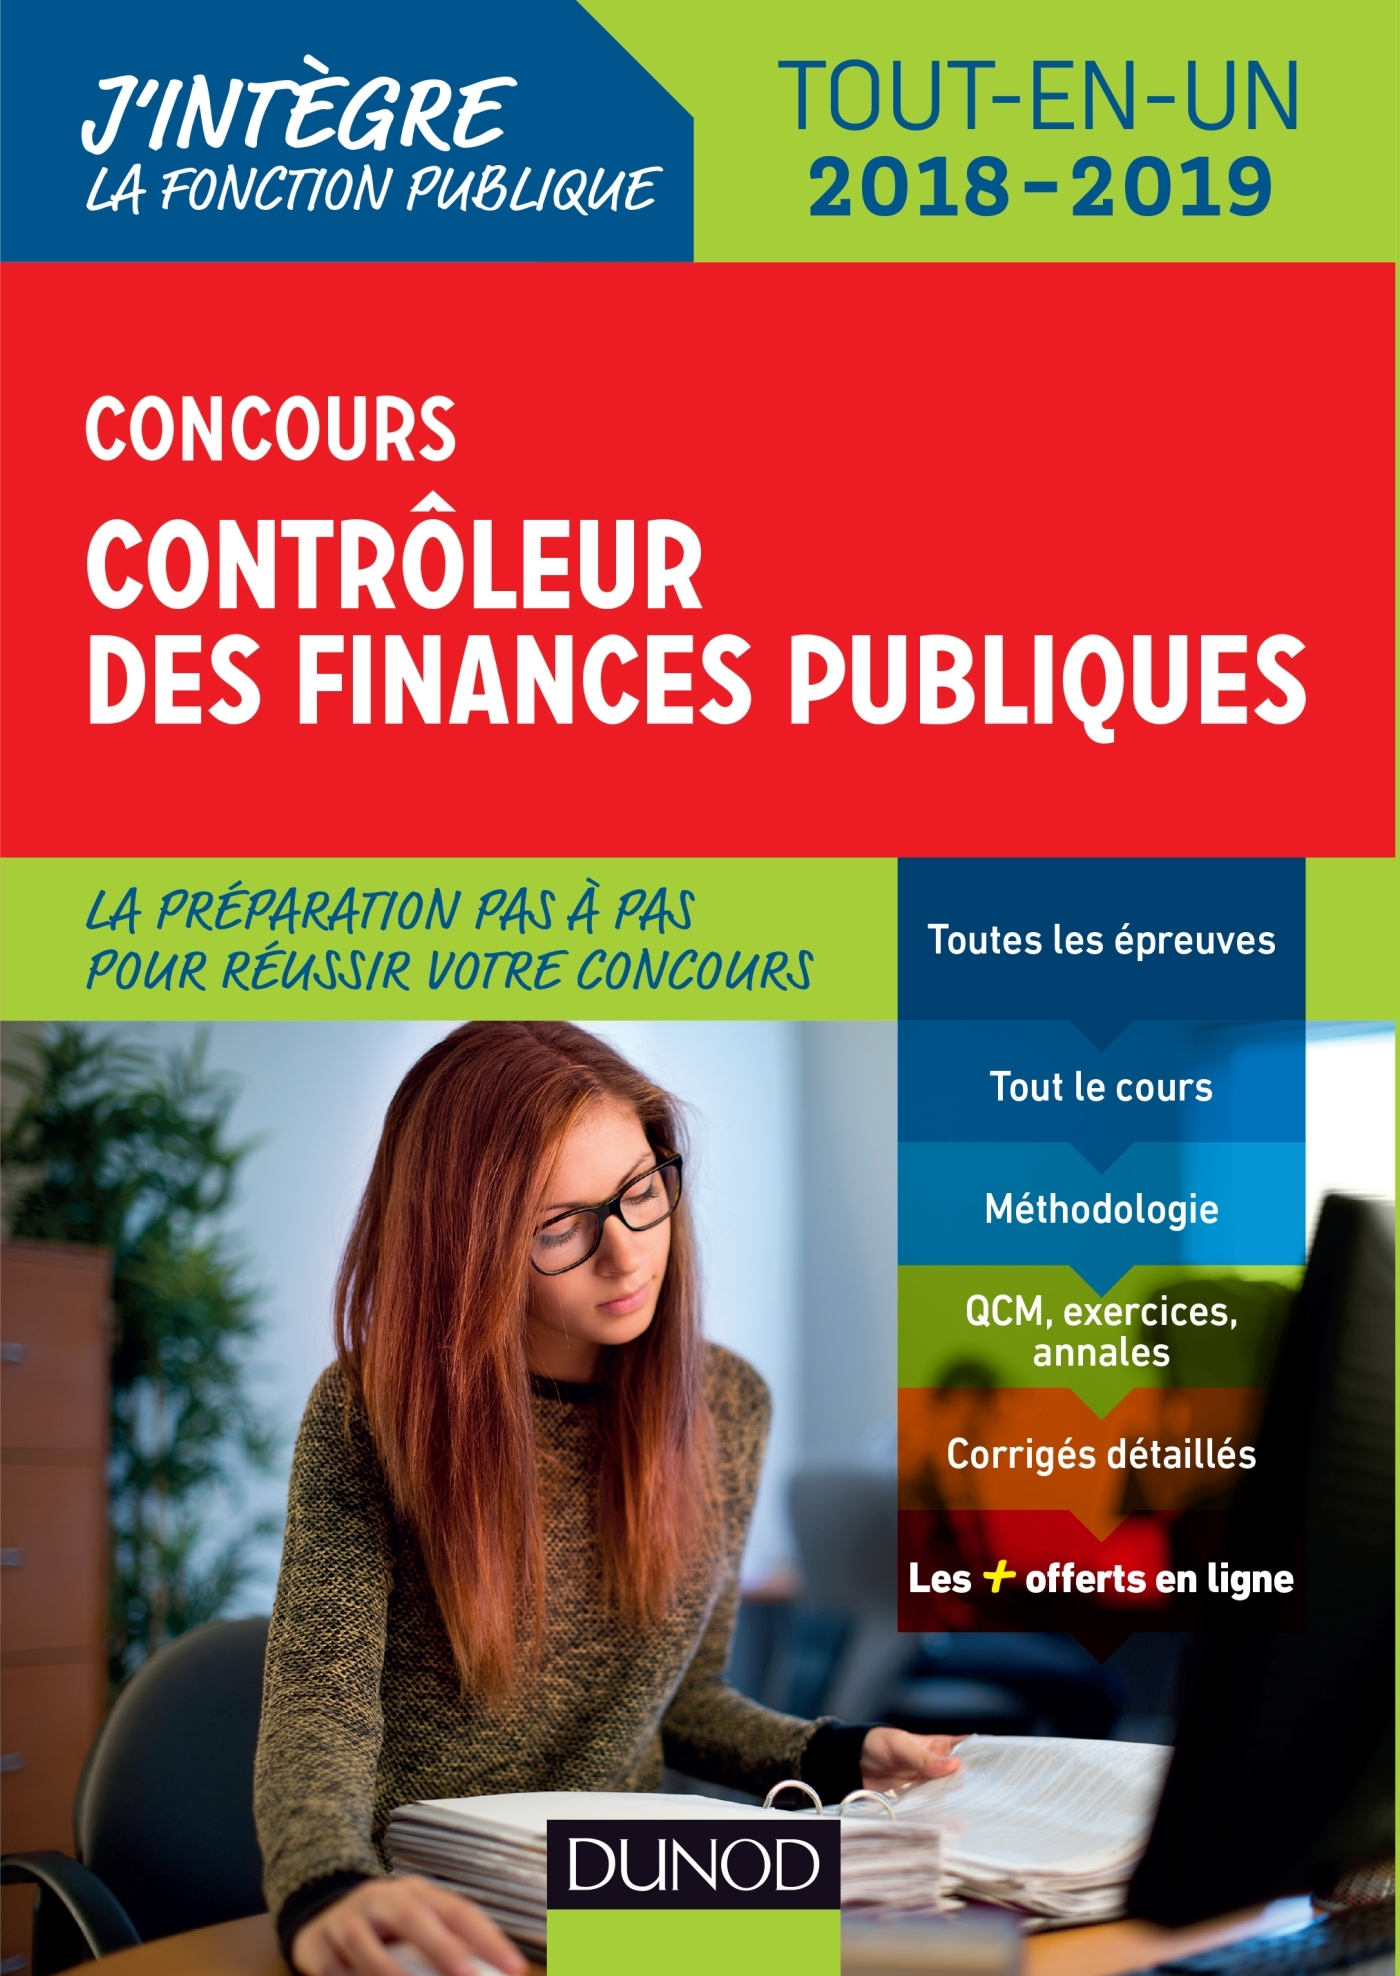 CONCOURS CONTROLEUR DES FINANCES PUBLIQUES - TOUT-EN-UN - 2018-2019